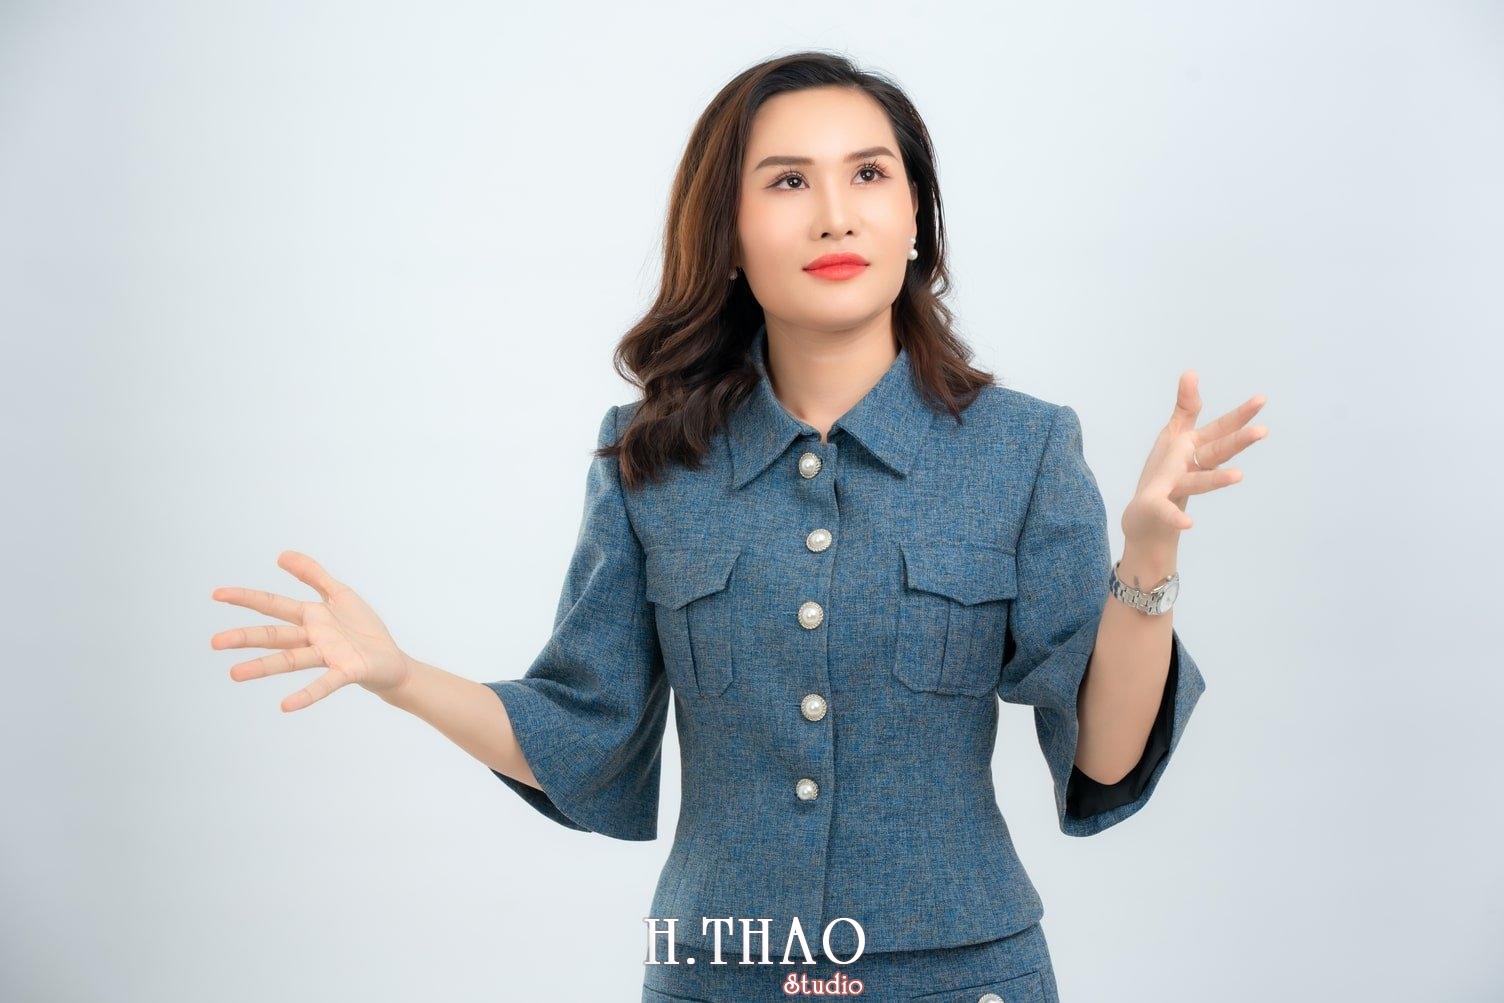 Doanh nhan nu 1 - Ảnh nữ doanh nhân bất động sản, phó TGĐ Express Ms.Nho – HThao Studio